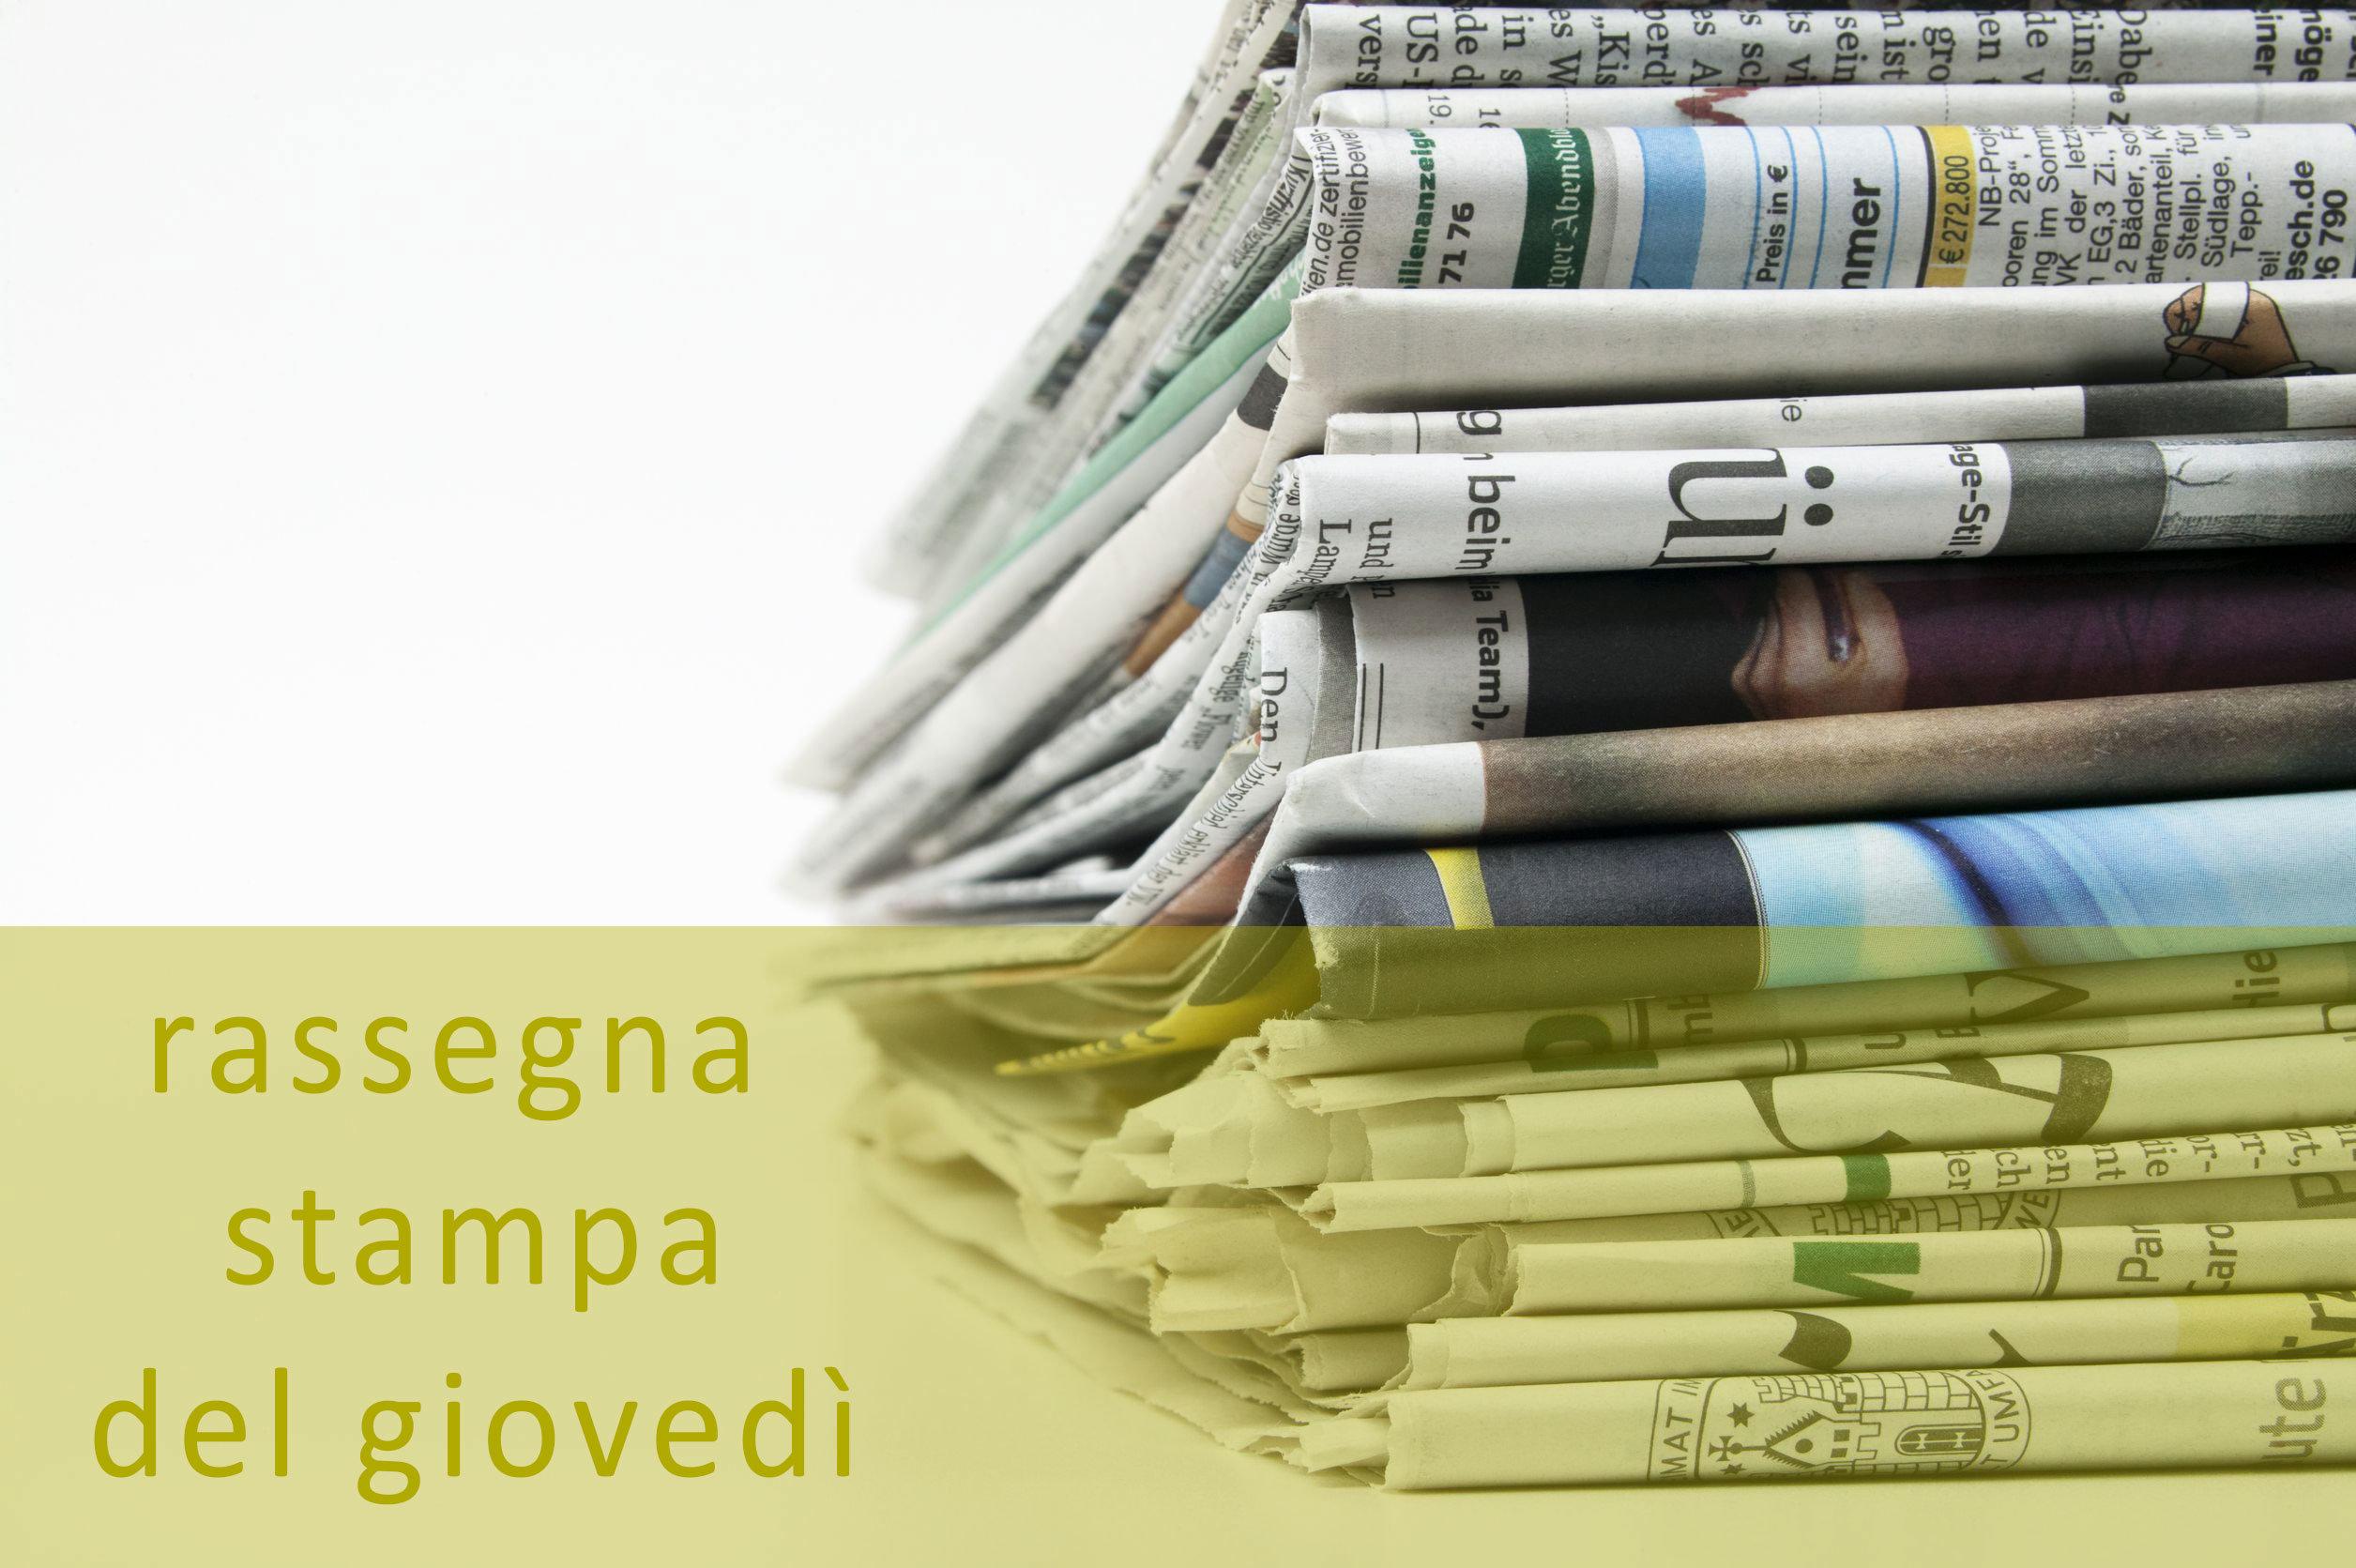 Rassegna stampa del 17 dicembre